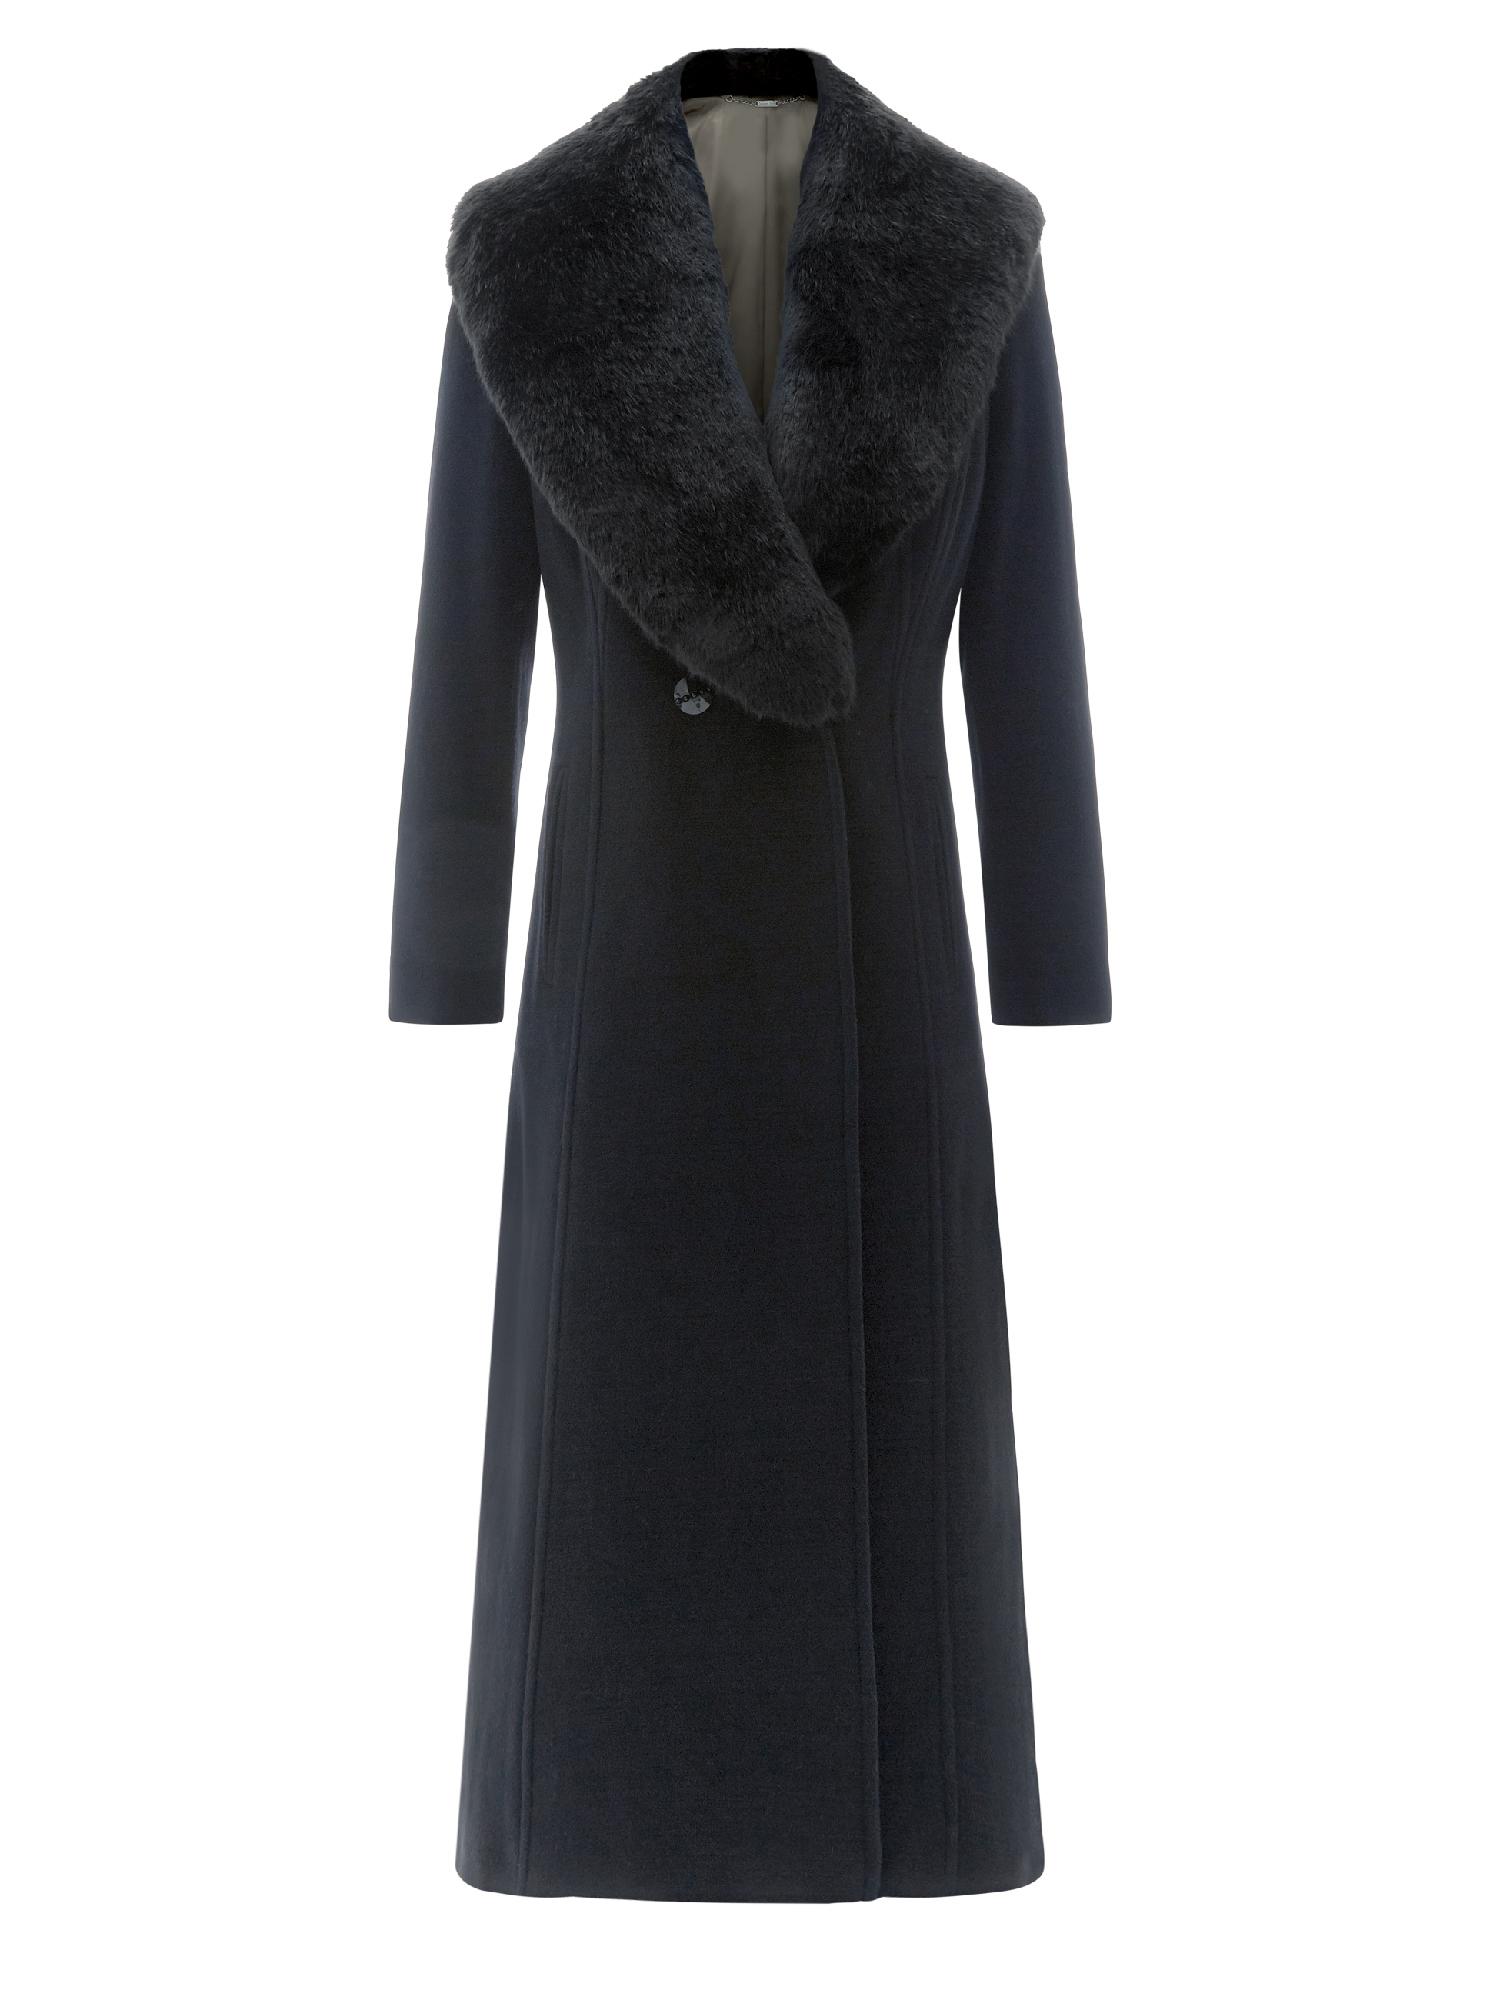 Long Coat With Fur Collar Fashion Women S Coat 2017